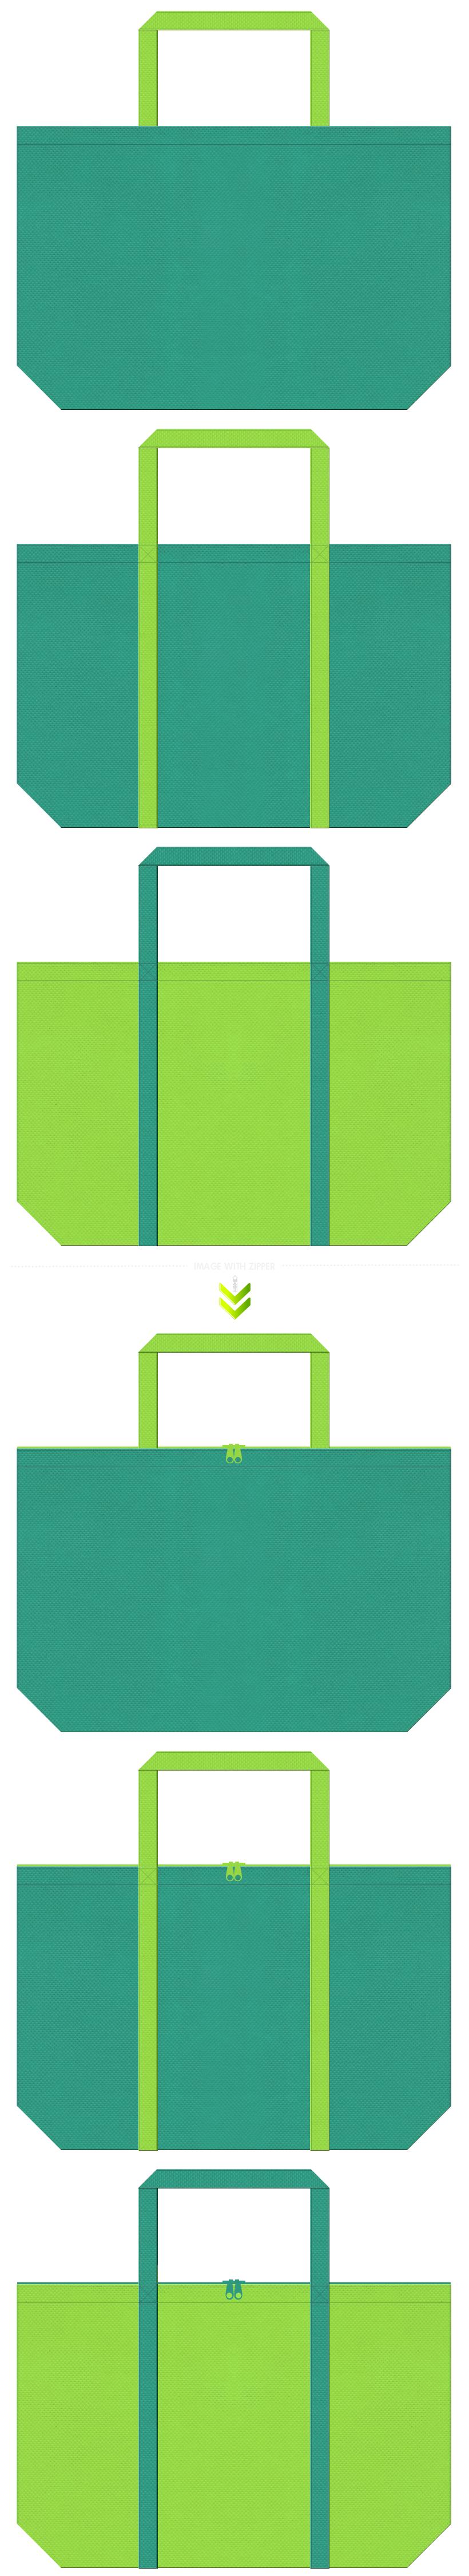 青緑色と黄緑色の不織布エコバッグデザイン。ランドリーバッグにお奨めです。